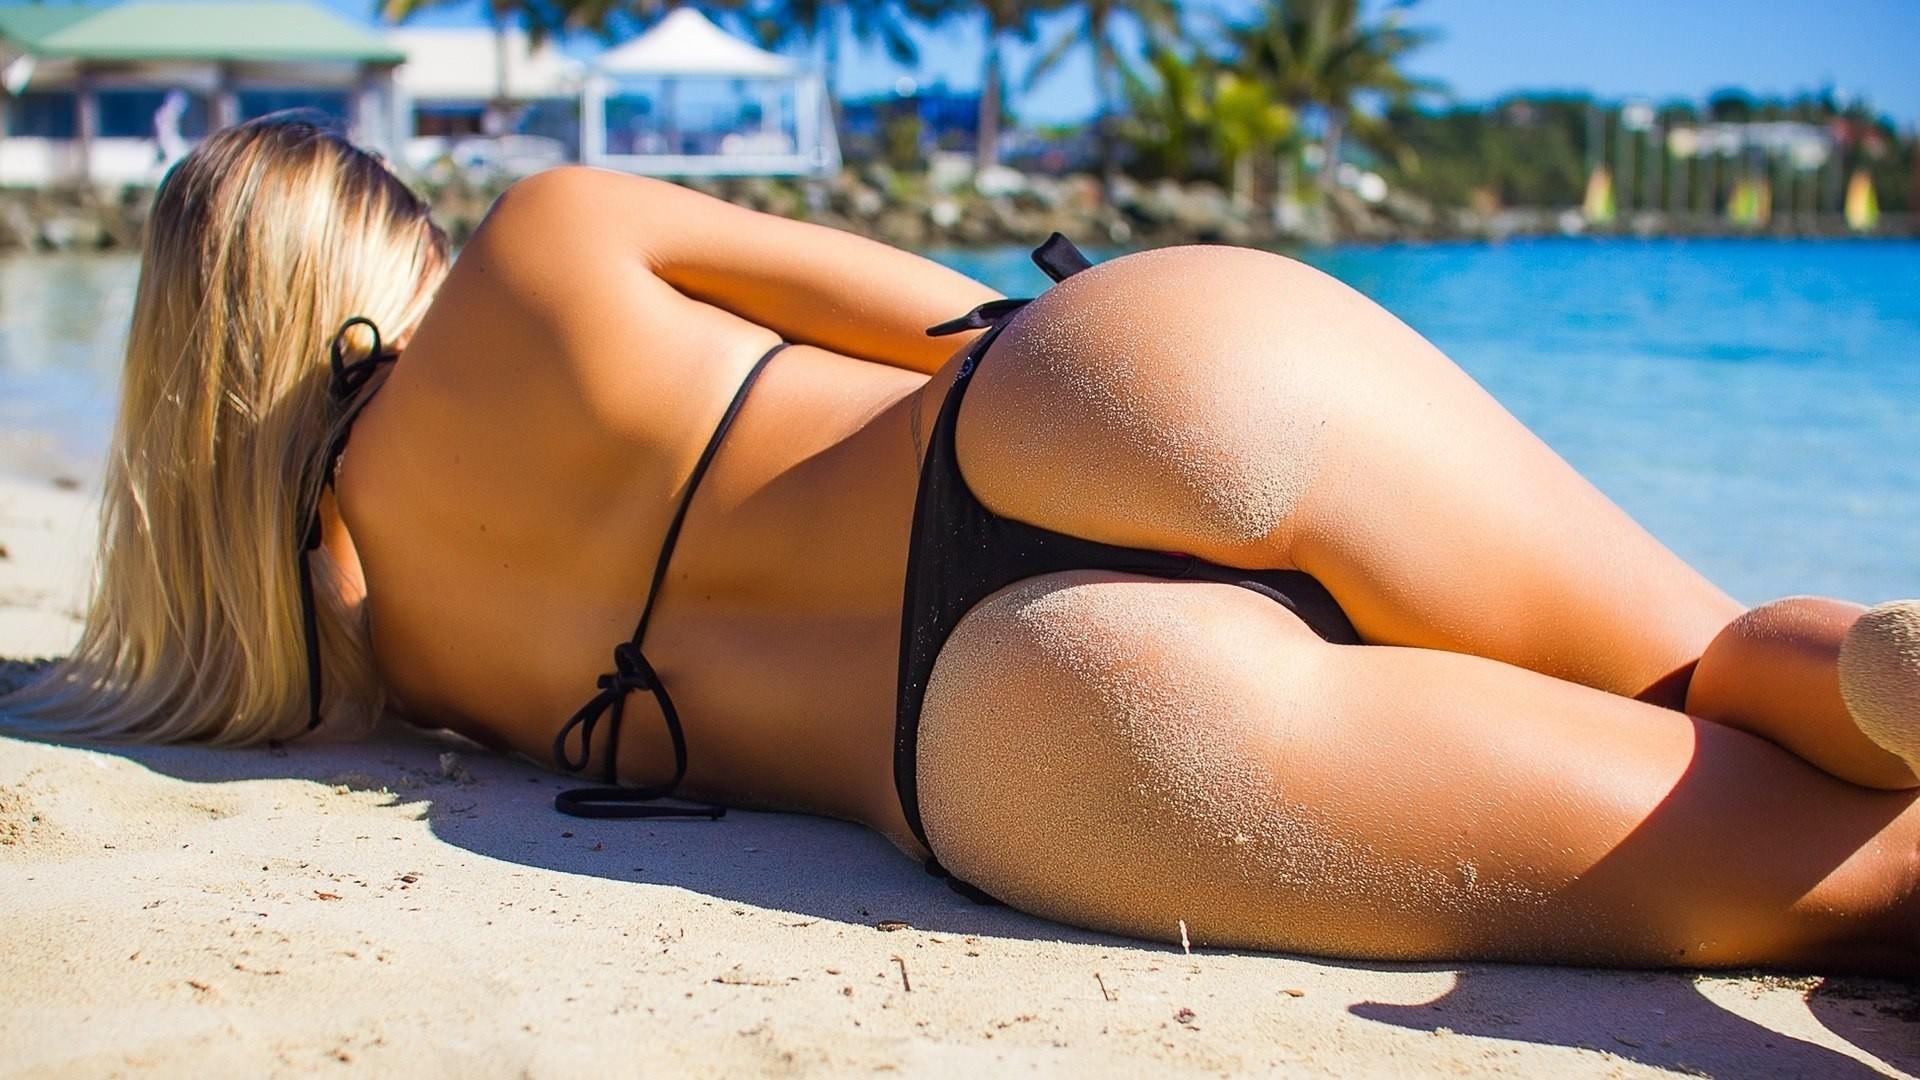 Фото Девушка загорает на песке, море, попка, песочек на попе, черные трусики, купальник, жара, скачать картинку бесплатно